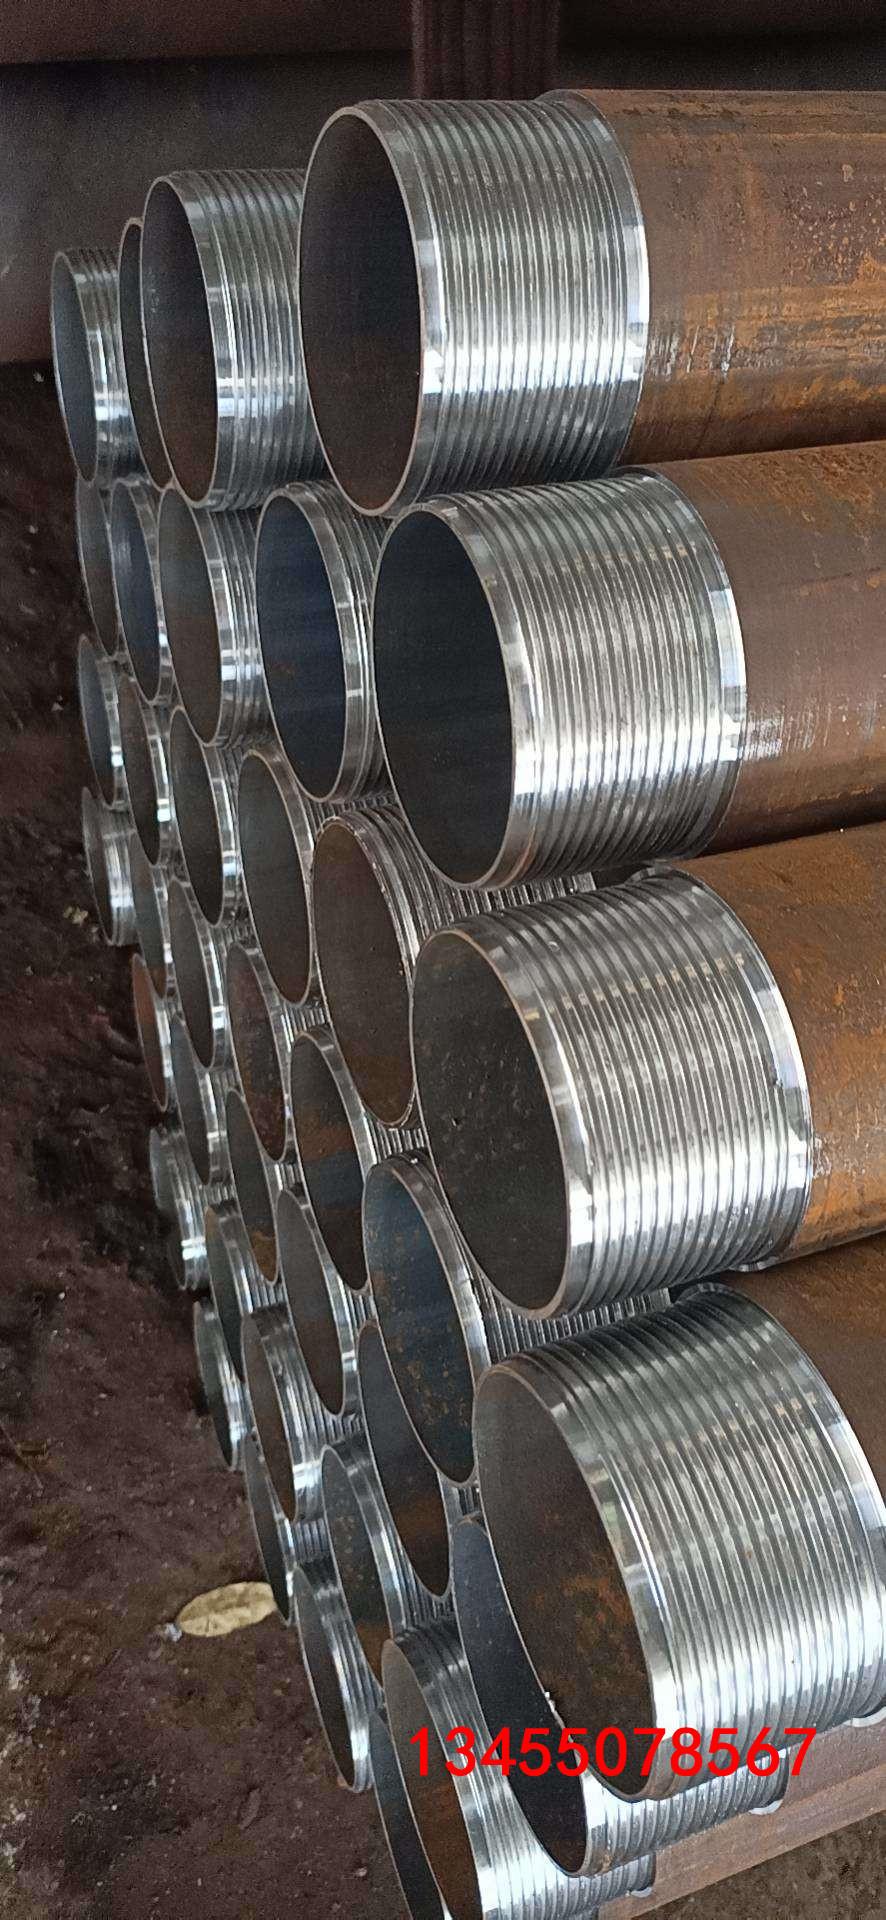 42焊管打孔146无缝钢管打孔 89焊管打孔生产快讯